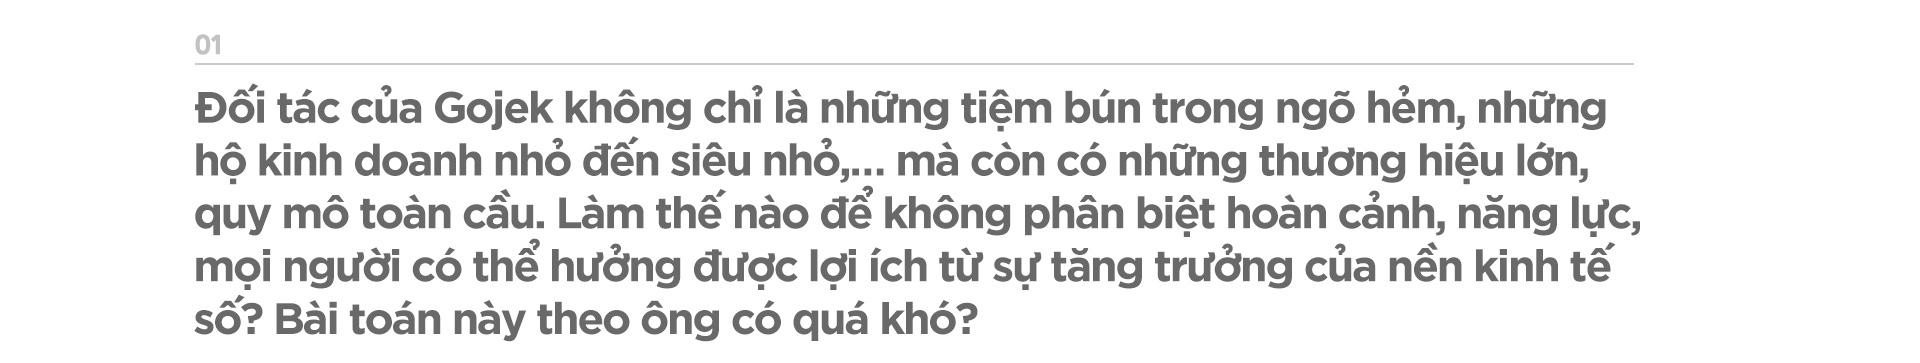 Tổng giám đốc Gojek Việt Nam: Trong nền kinh tế số, chúng tôi chia sẻ với đối tác - Ảnh 2.